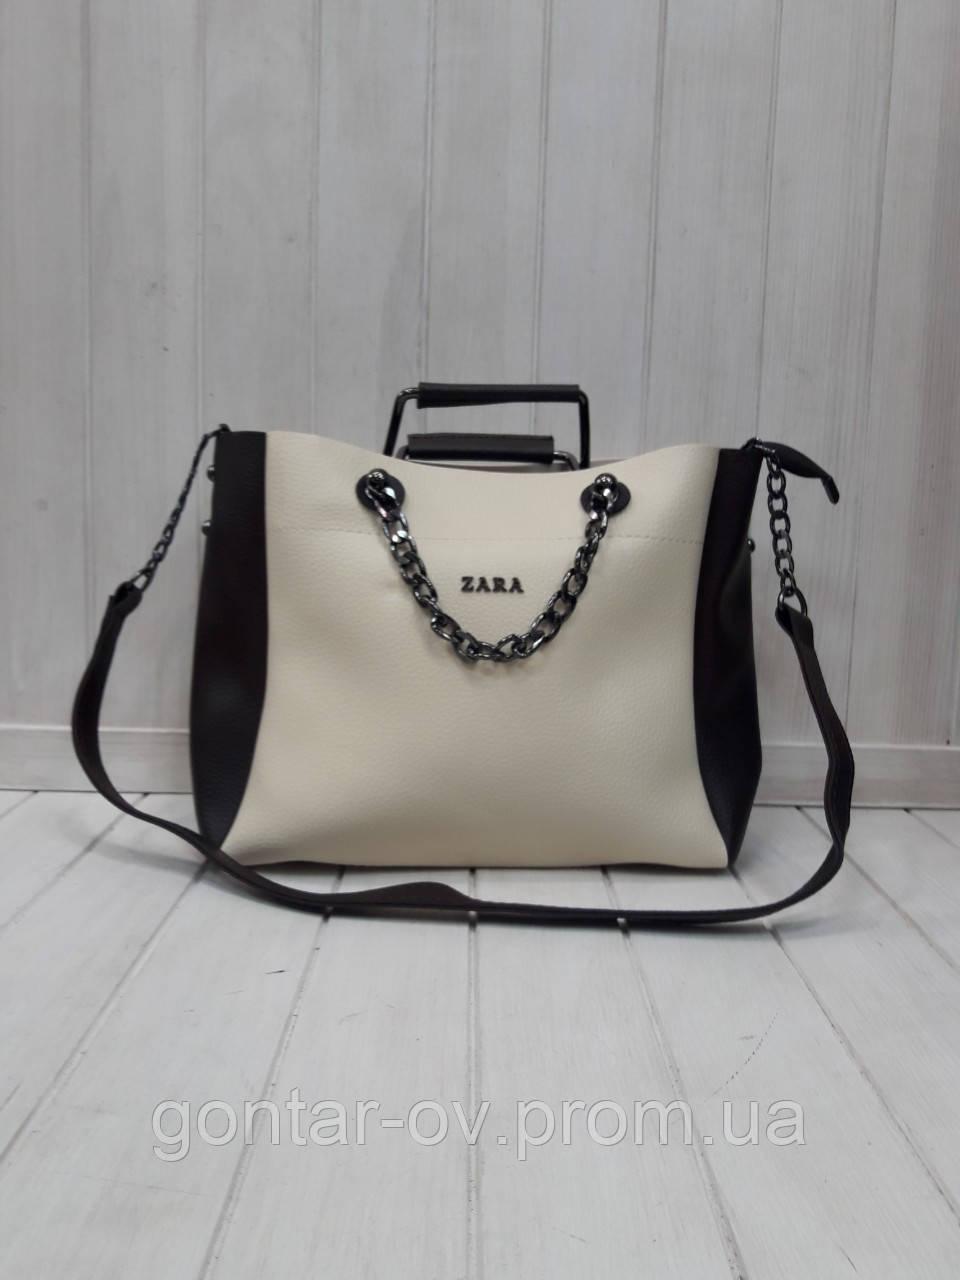 Женская сумка Zara кремовая с черным